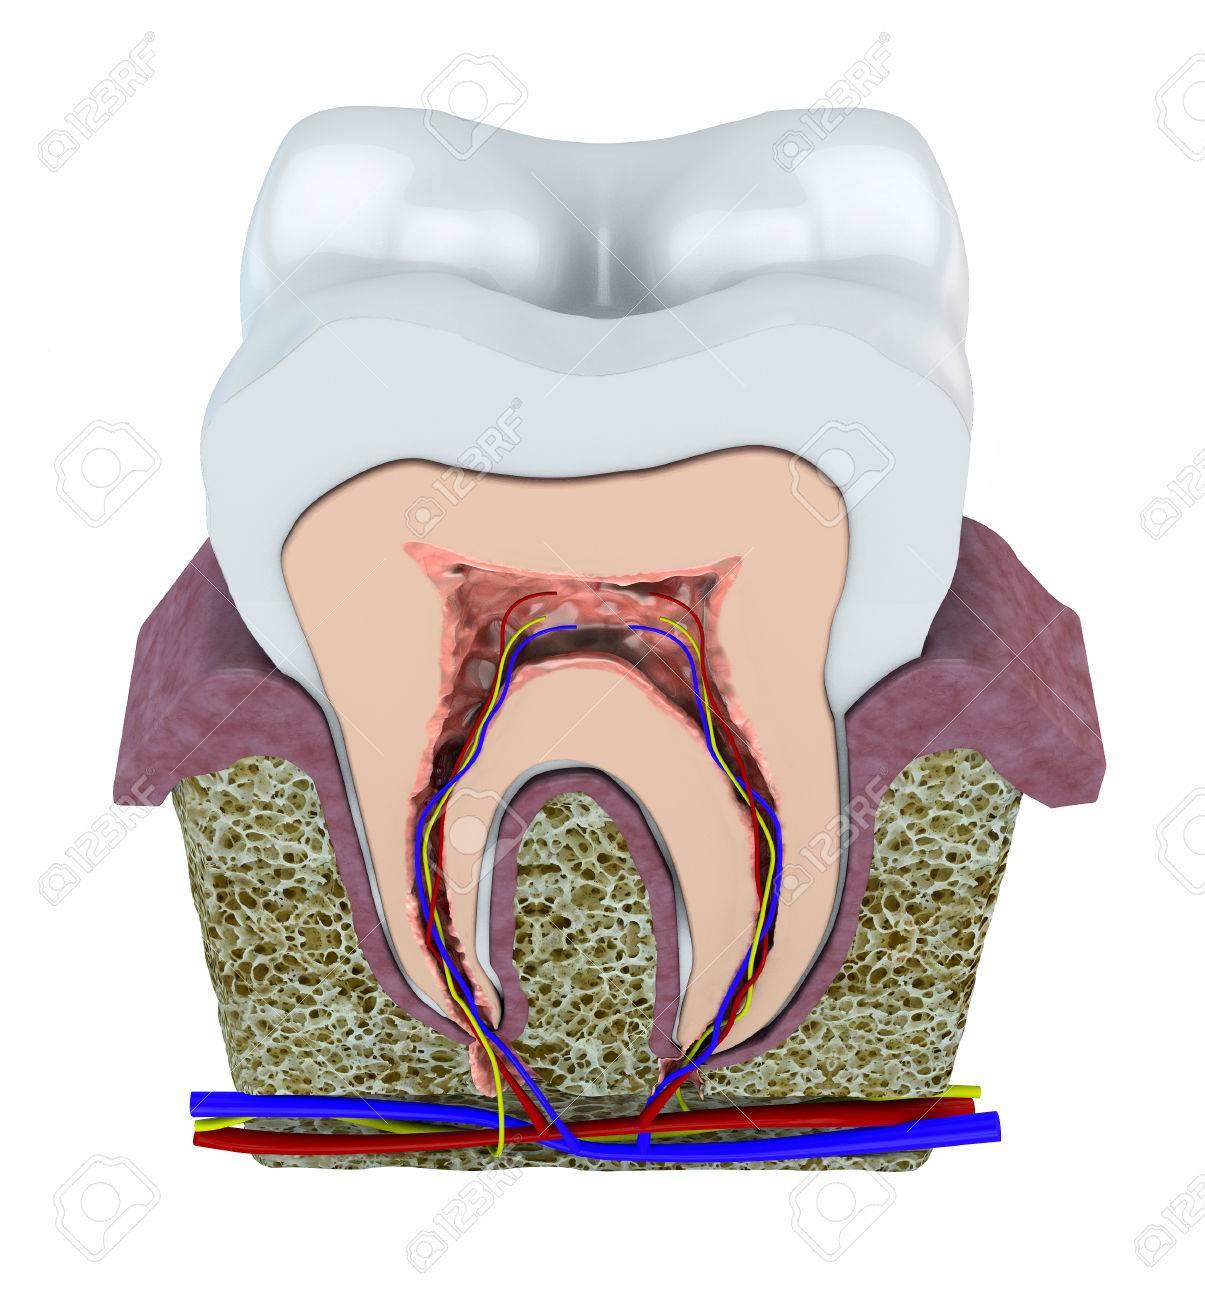 Abschnitt Einen Zahn, Zahnfleisch Und Blutgefäße 3D-Ansicht Eines ...